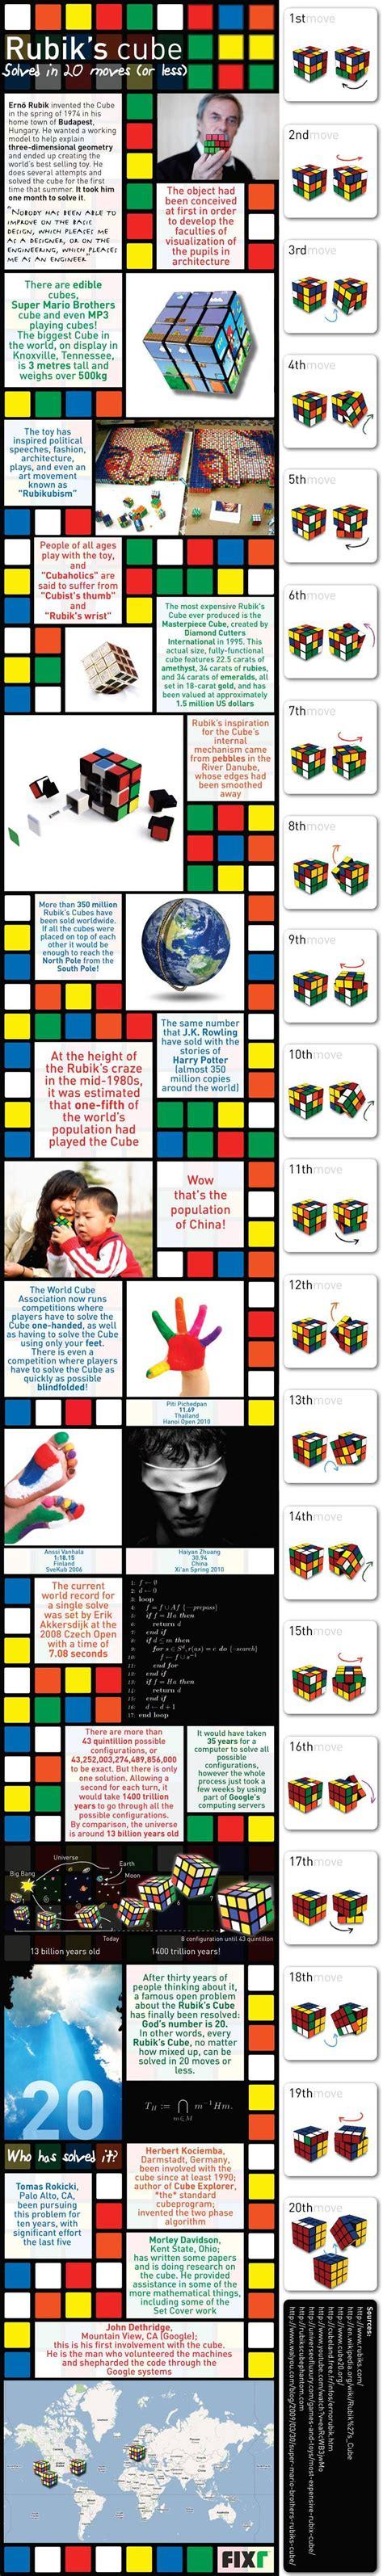 rubix cube algorithm  olalapropxco